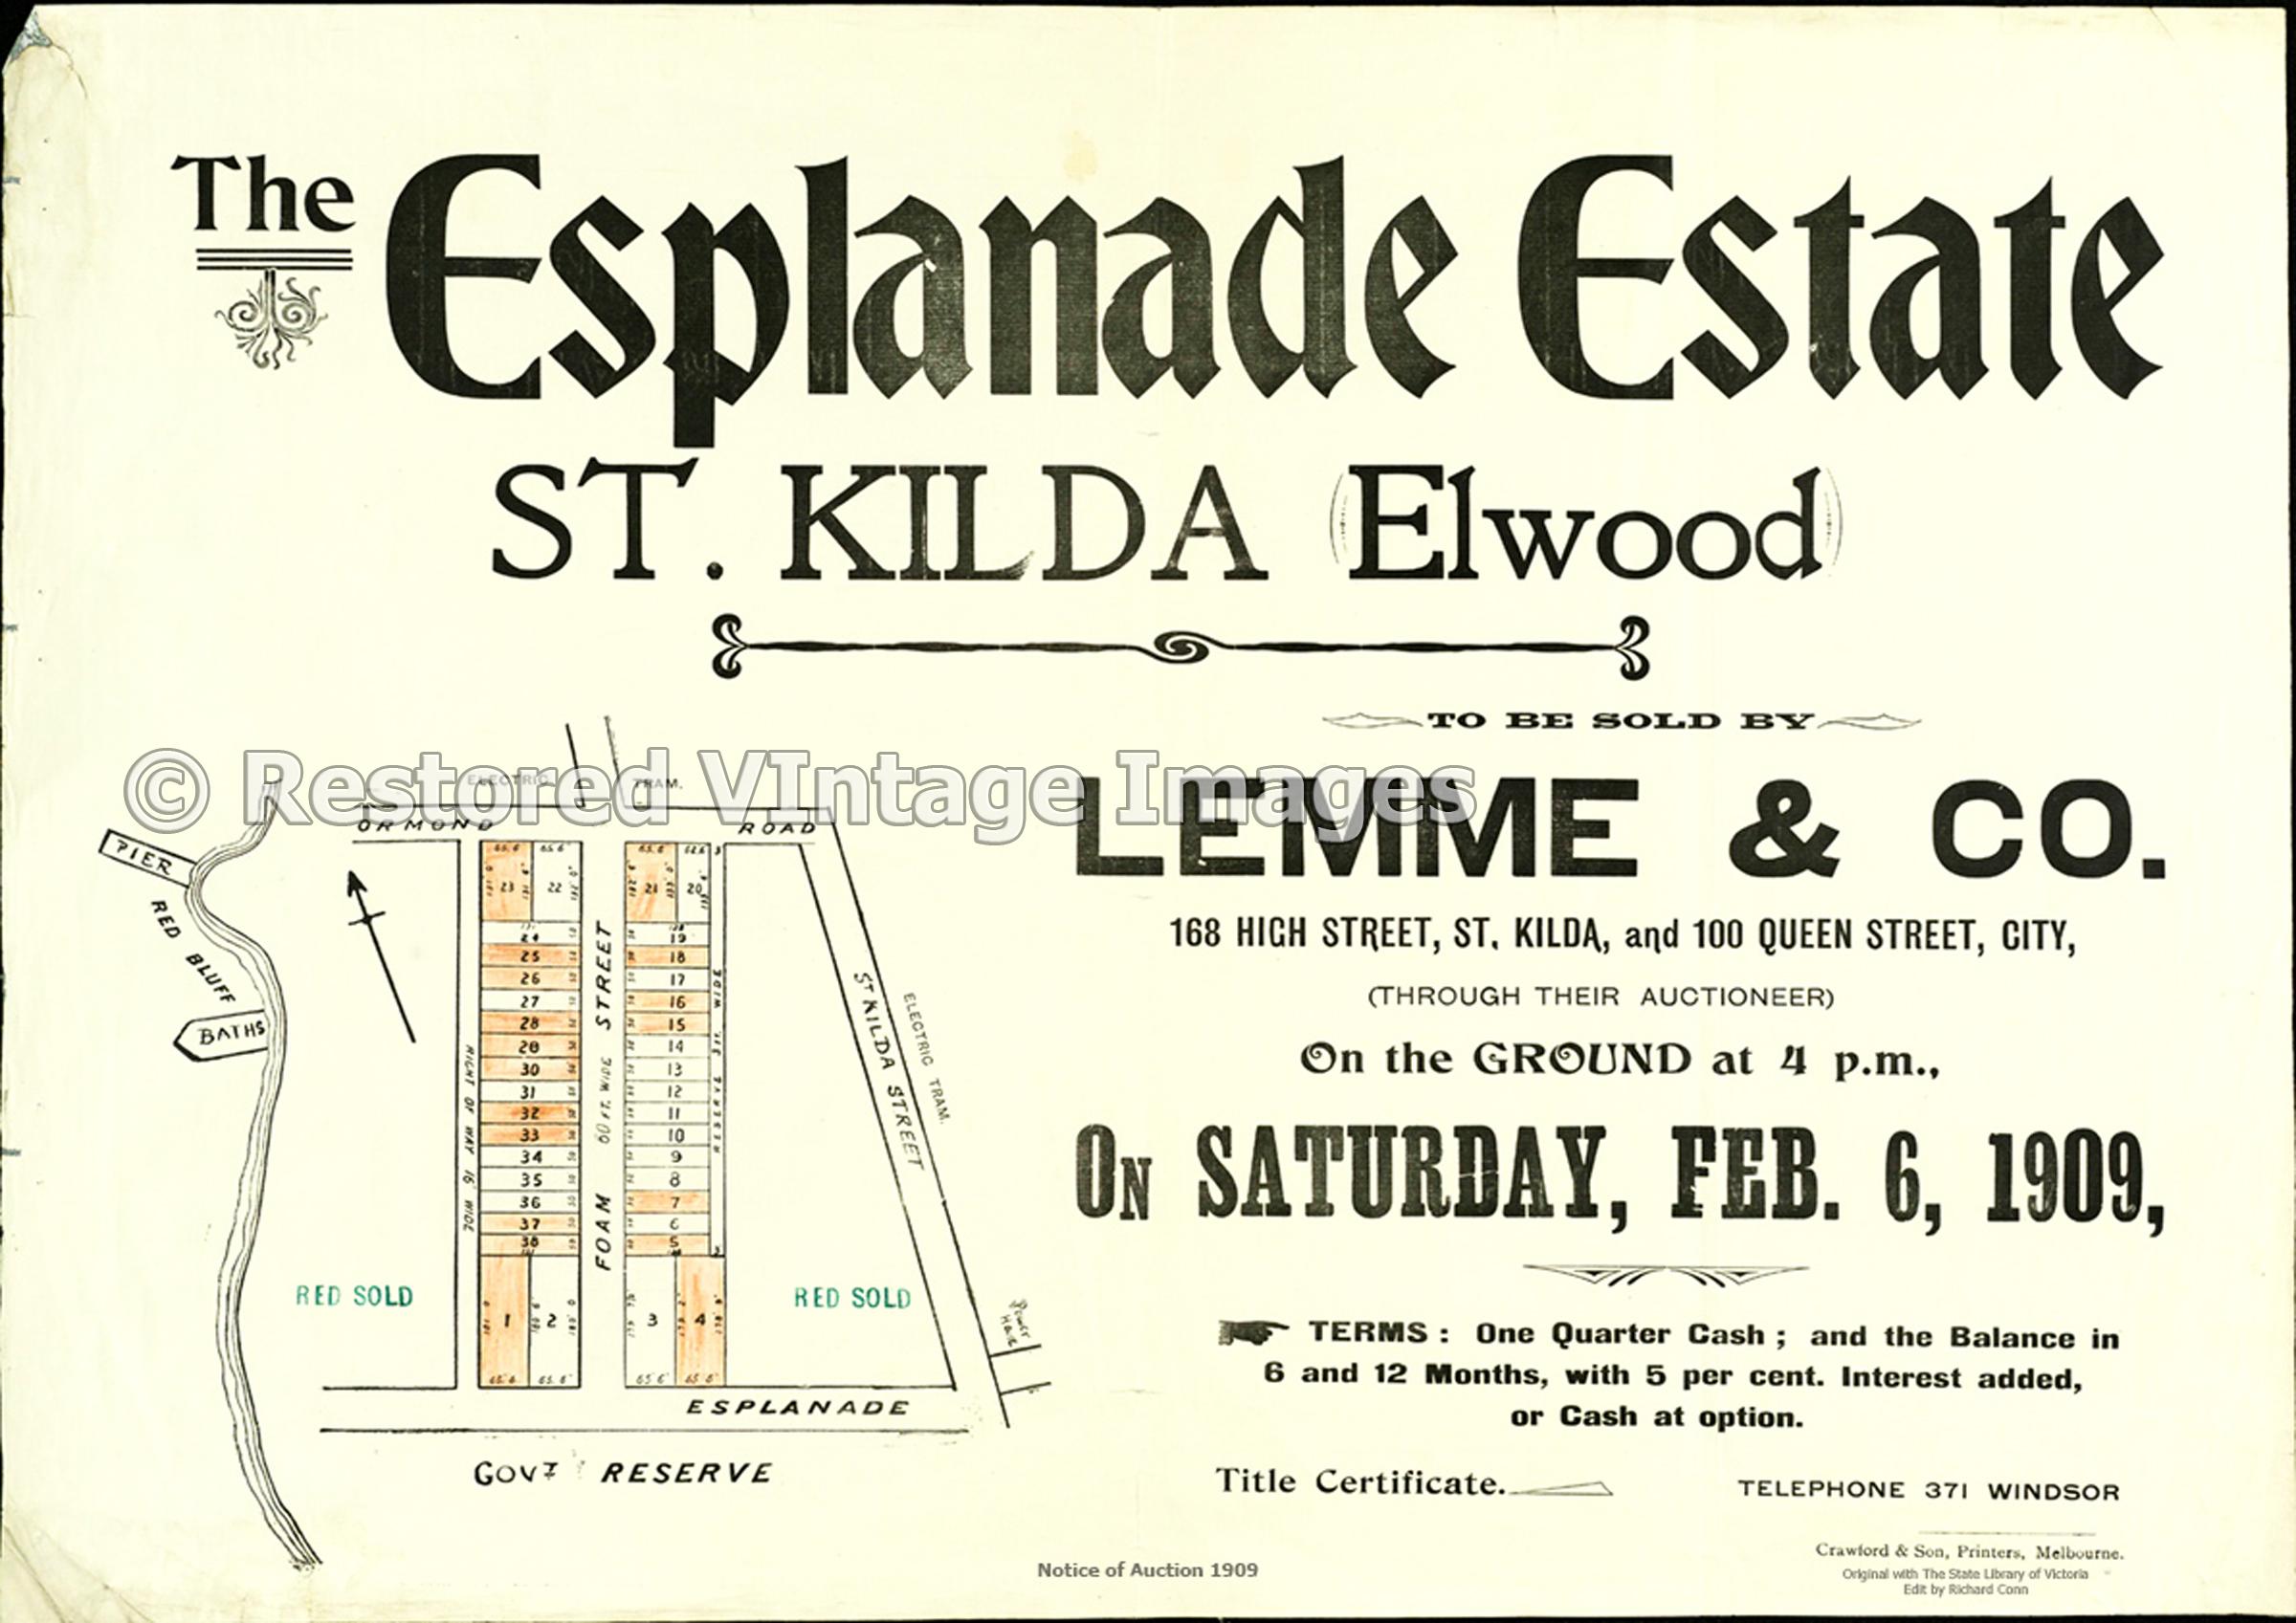 The Esplanade Estate 1909 – St Kilda Elwood